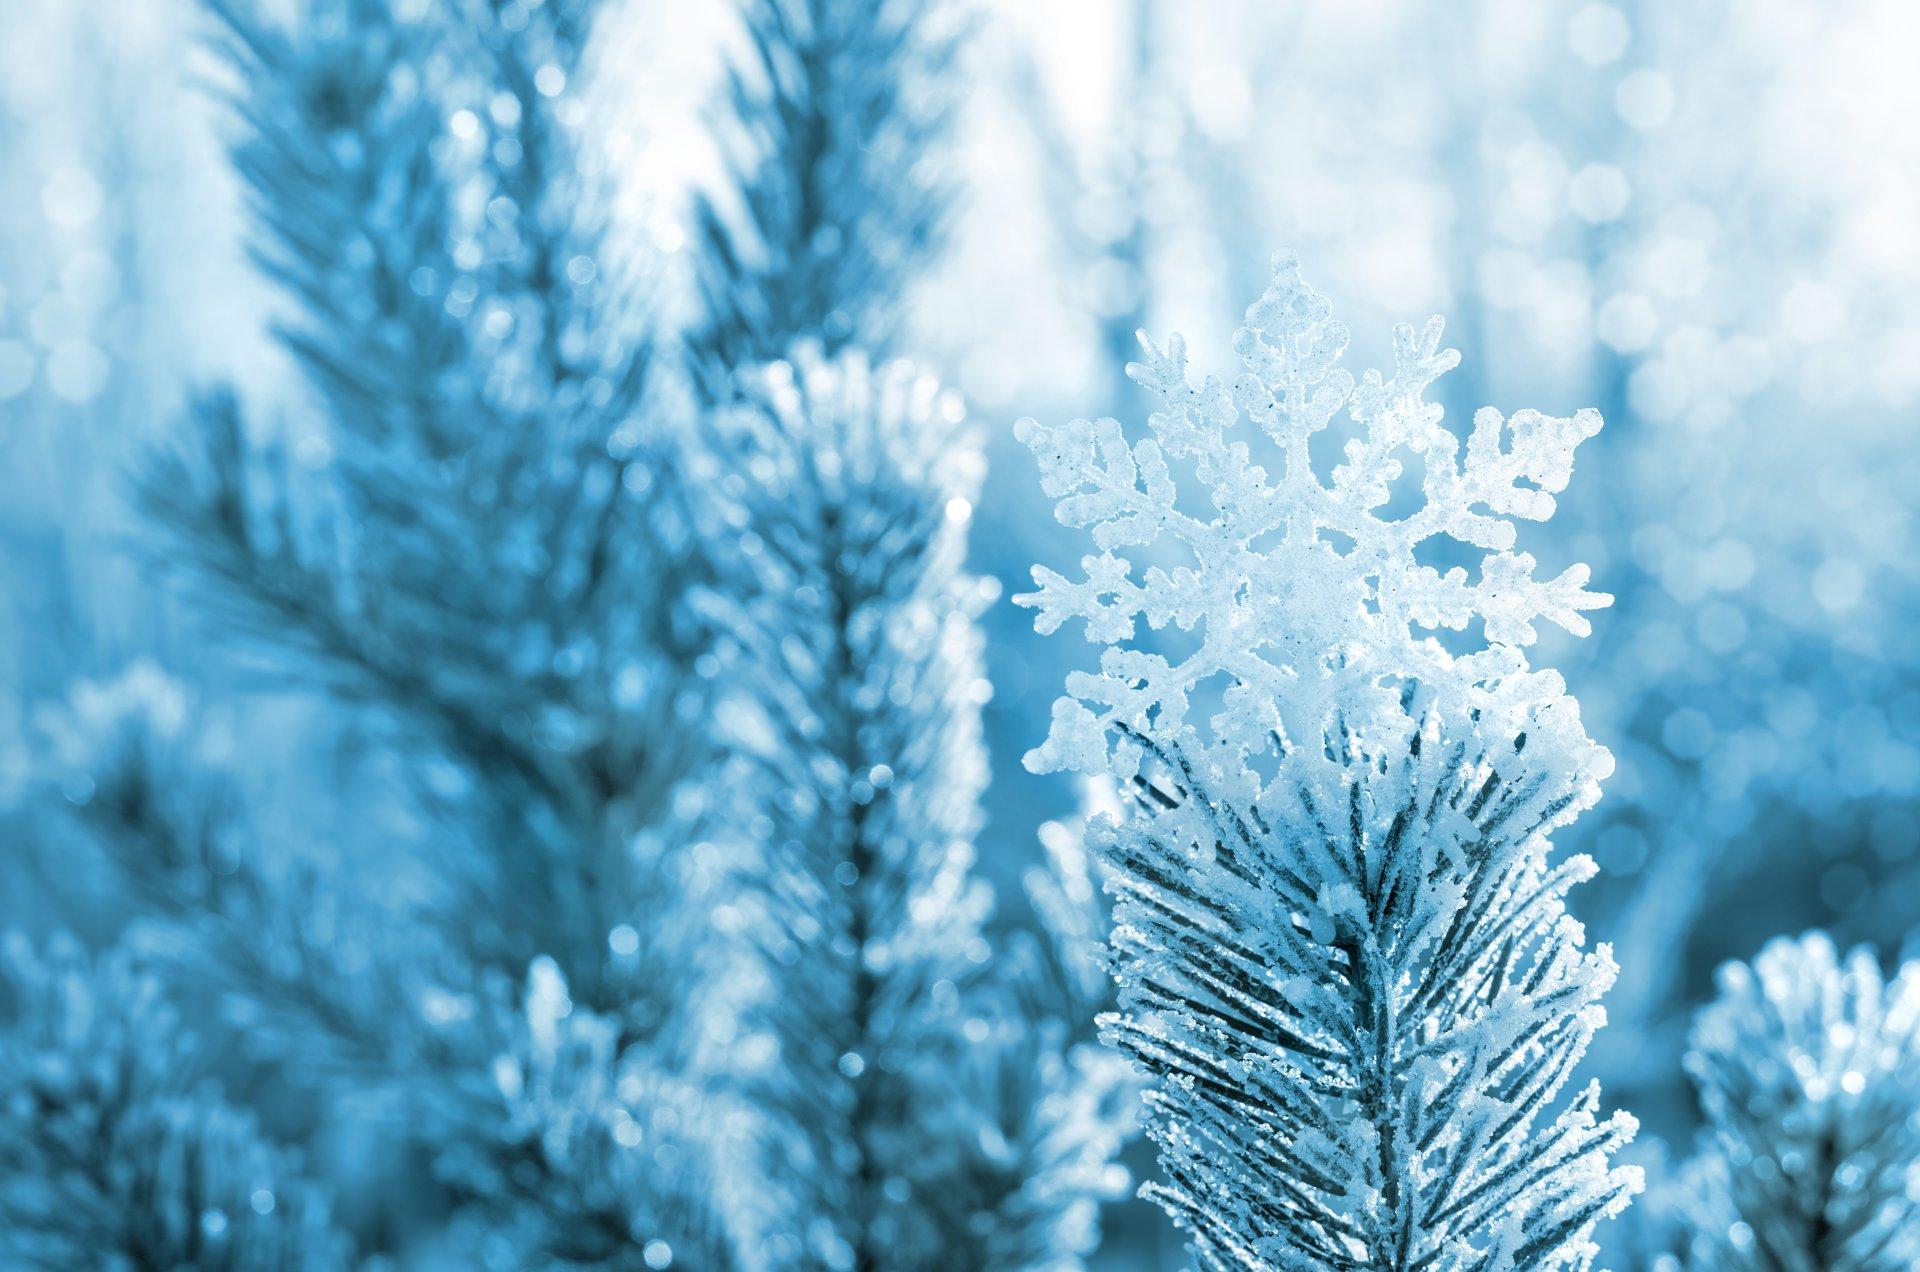 Картинка тепловоз зимой можно как